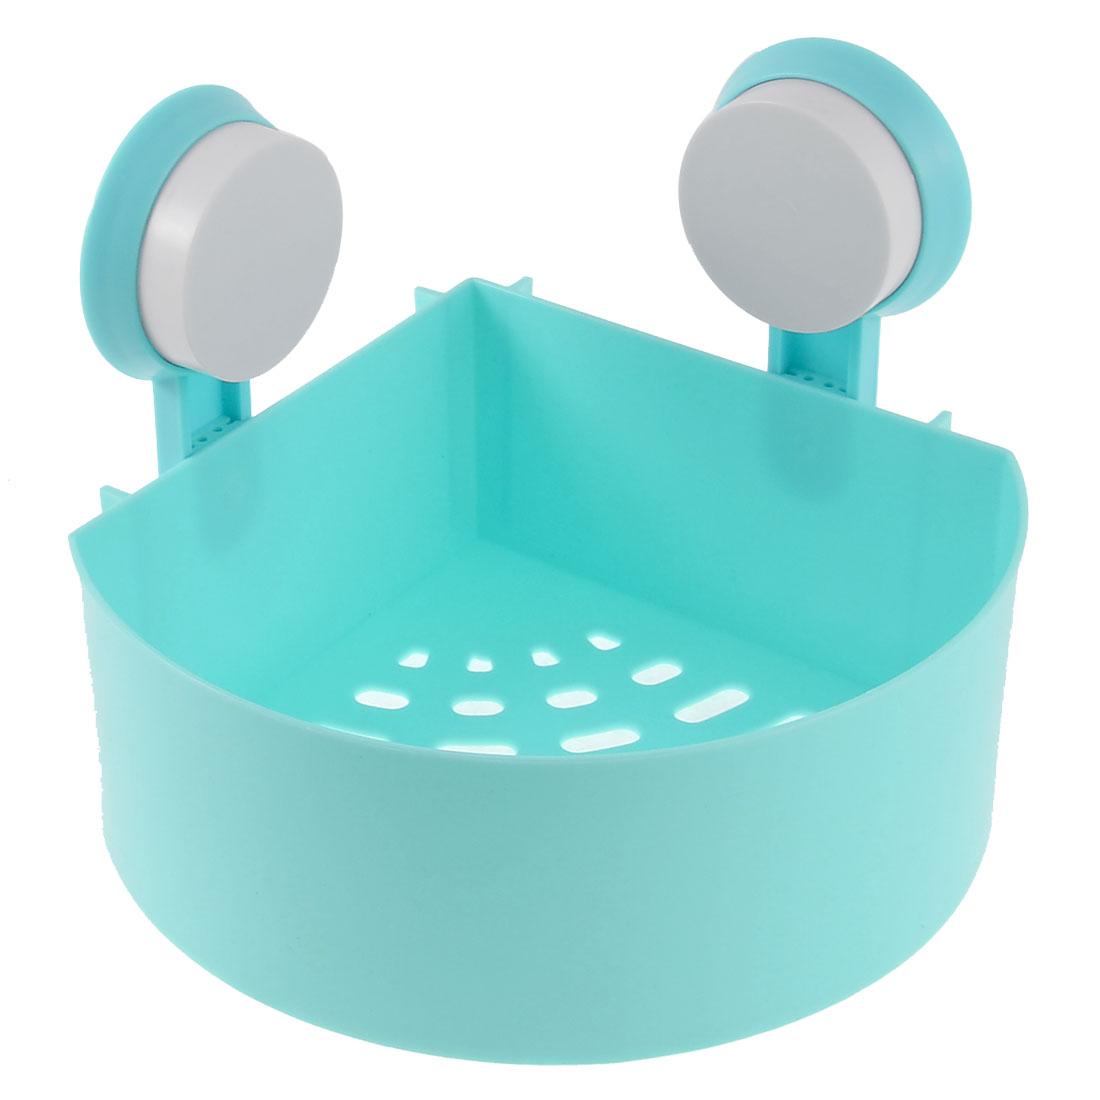 UXCELL Kitchen Bathroom Shower Suction Cup Storage Rack Organizer ...